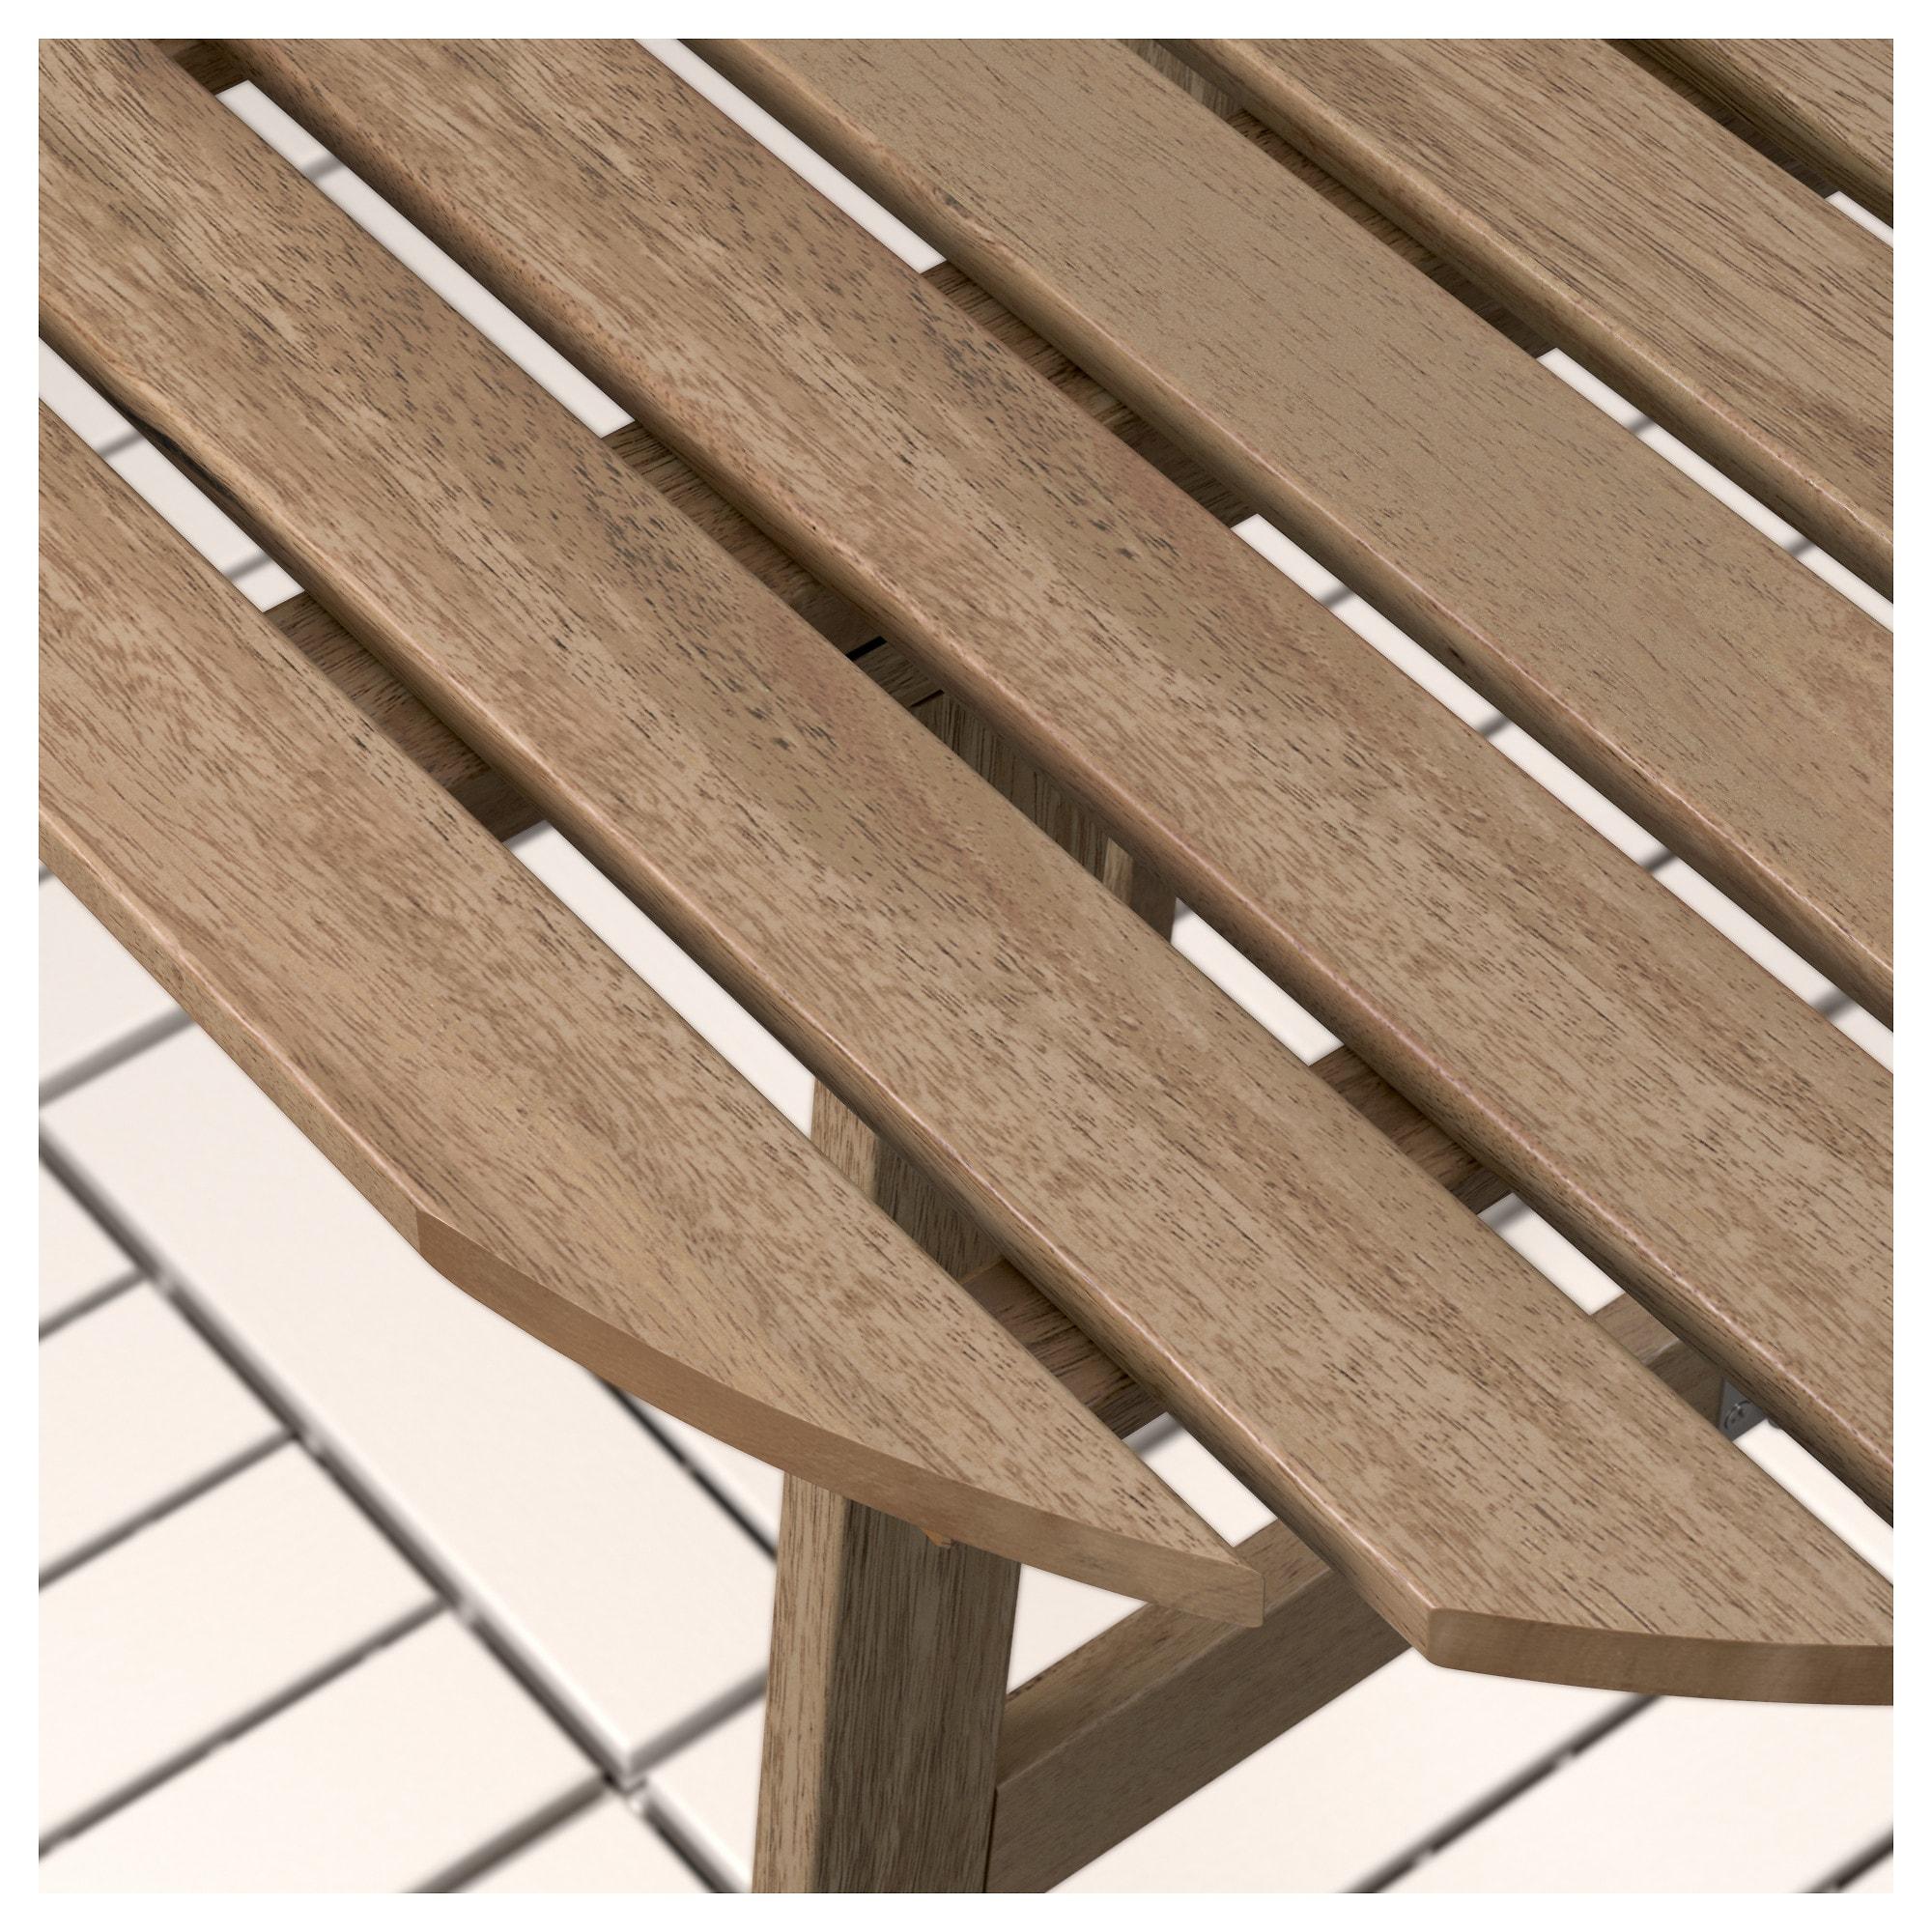 Стол + 2 складных стула, для сада АСКХОЛЬМЕН синий артикуль № 692.288.83 в наличии. Интернет каталог IKEA Минск. Недорогая доставка и установка.